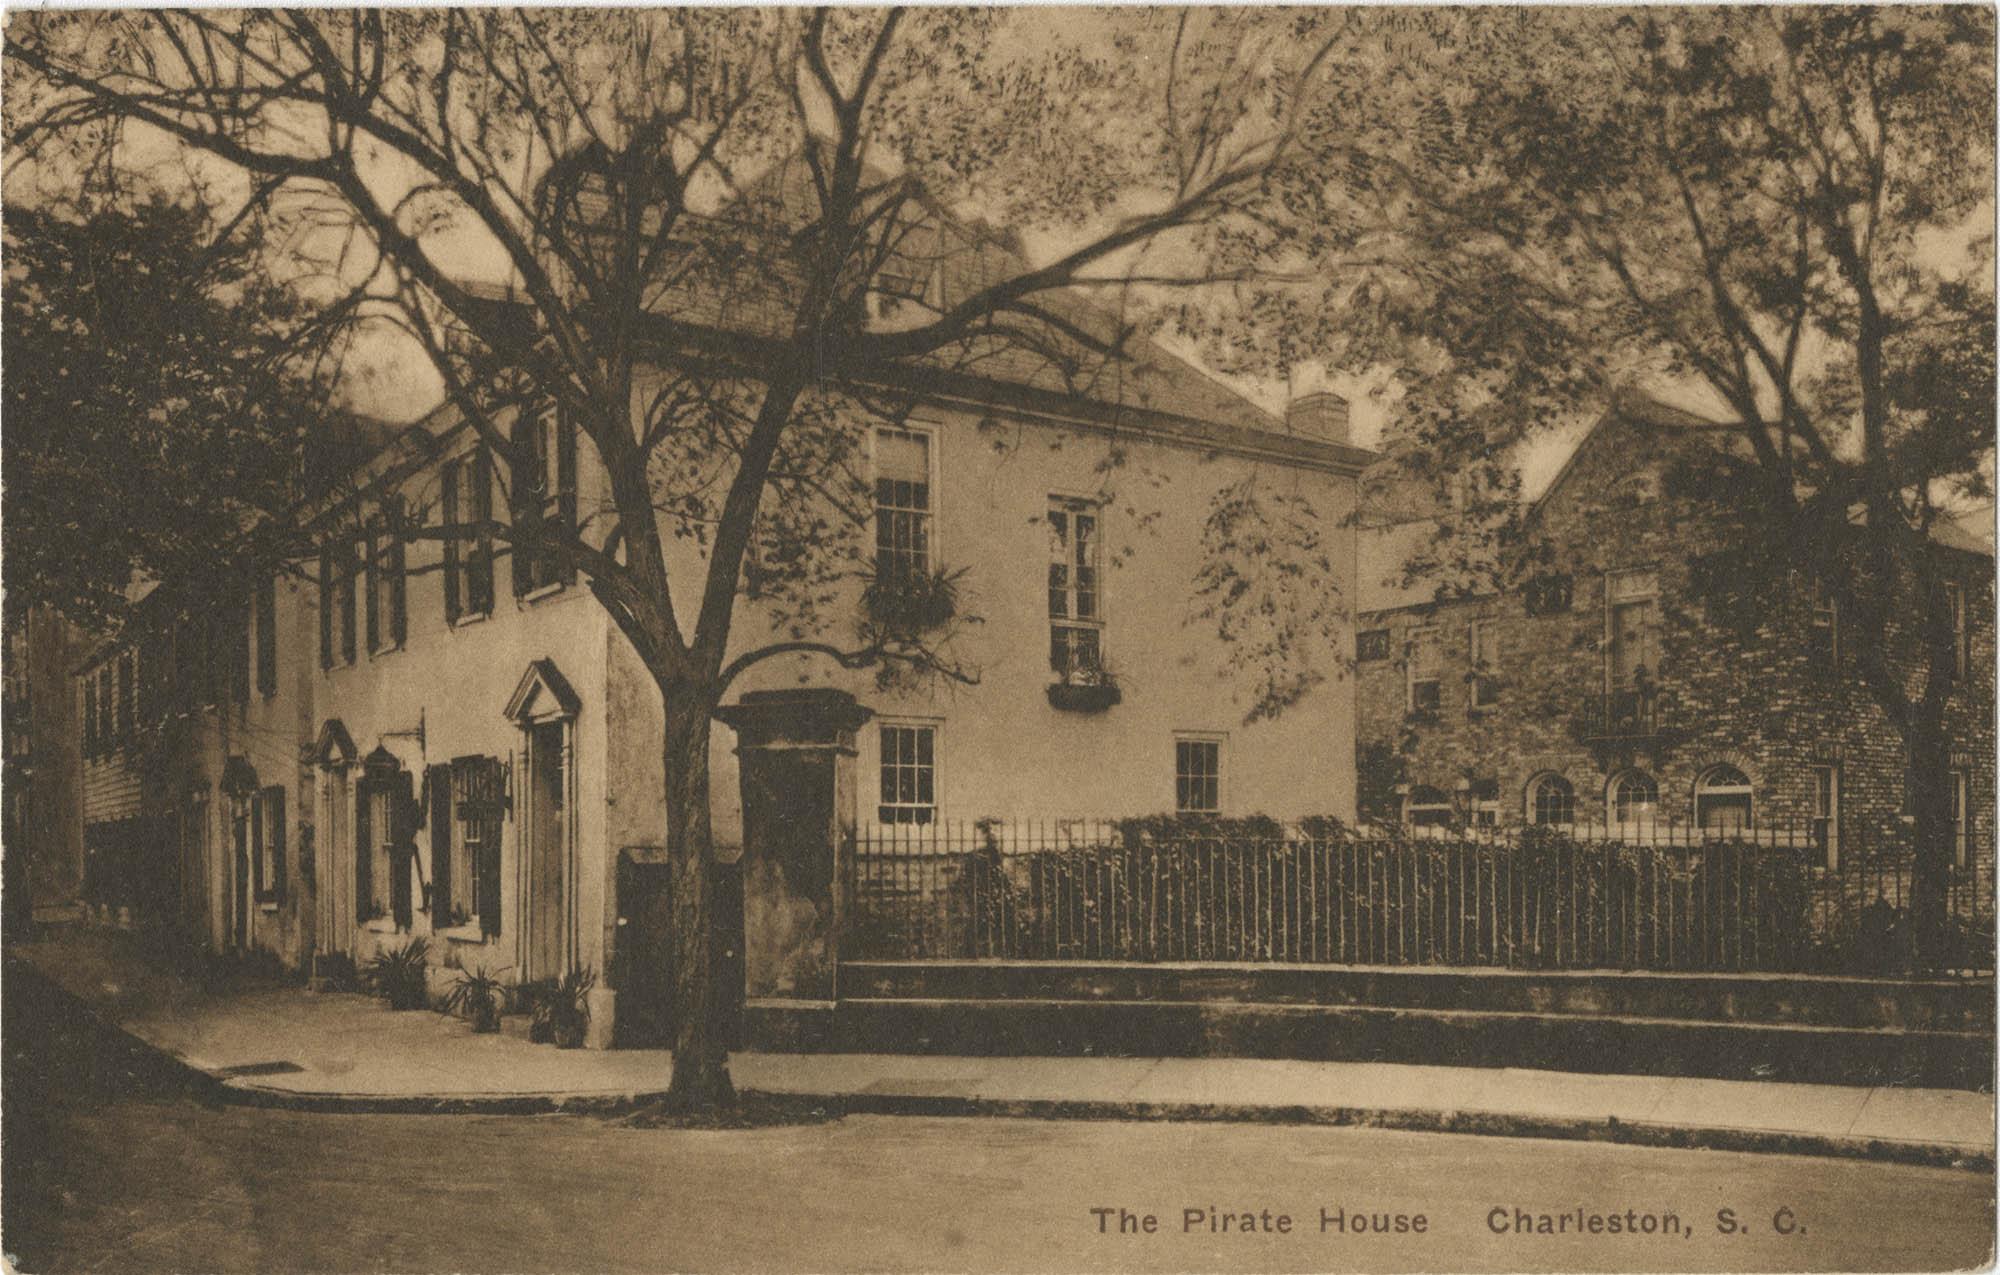 The Pirate House Charleston, S.C.